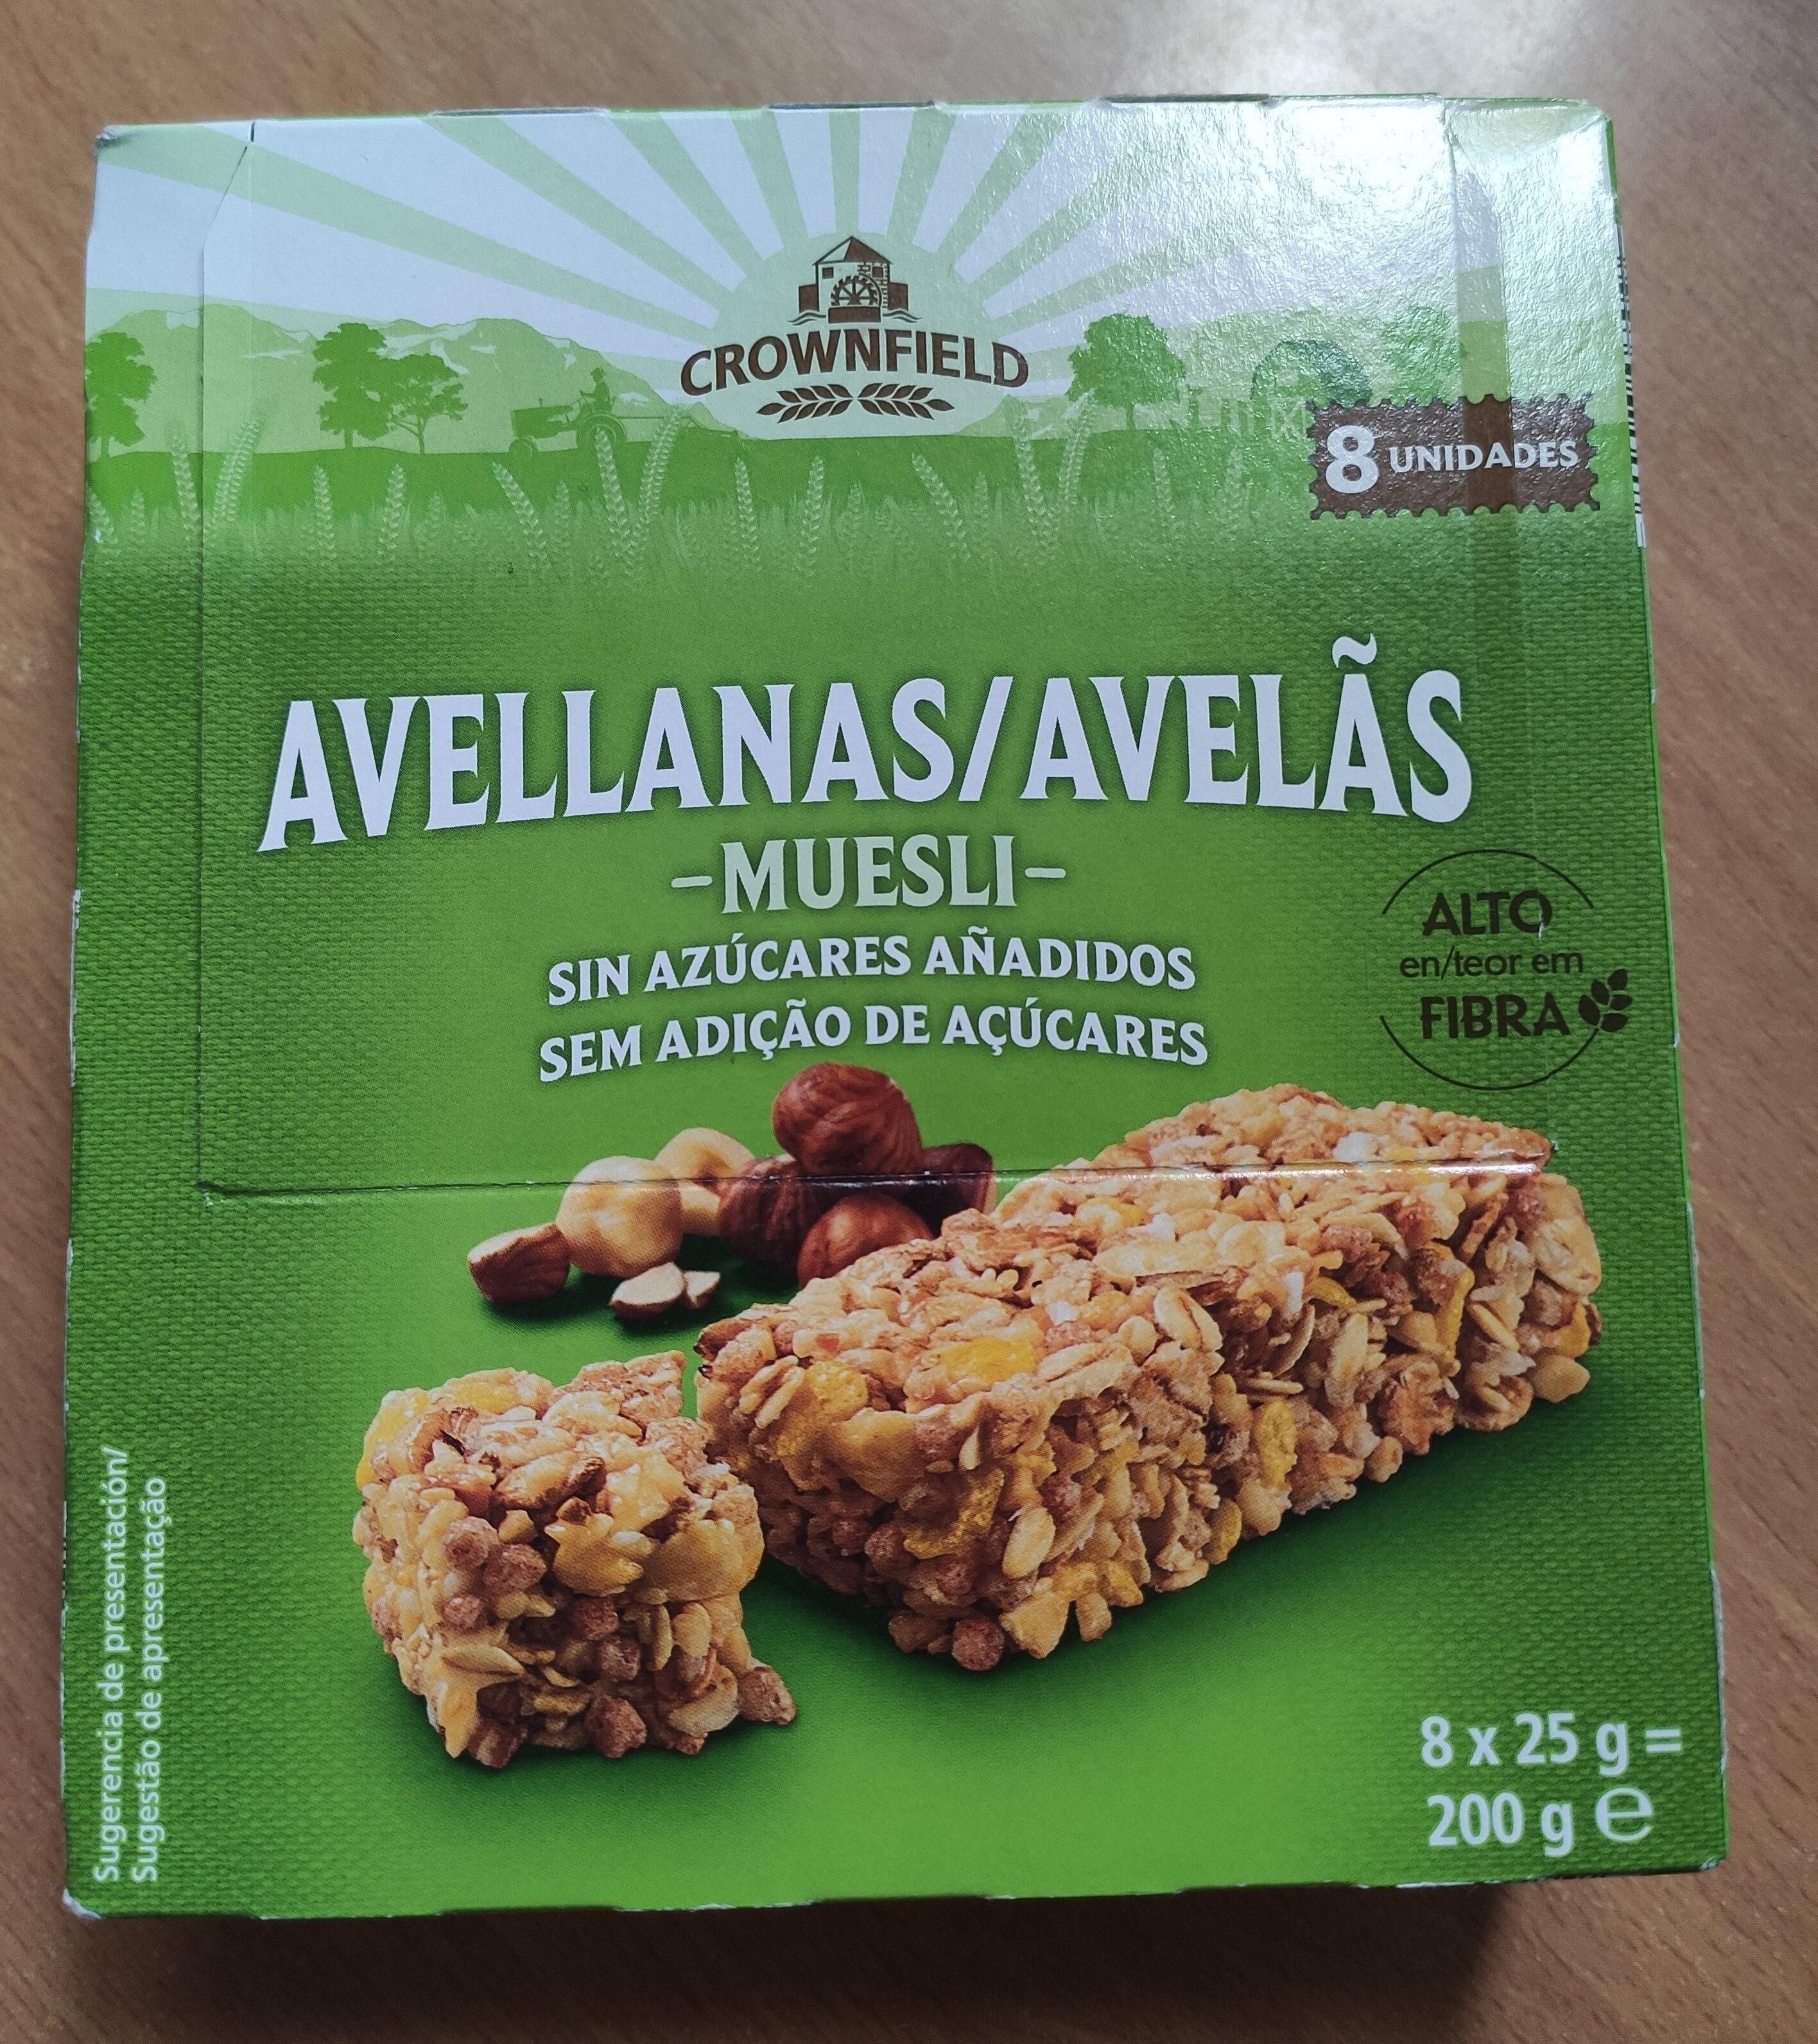 Barritas de cereales con avellanas - Producte - es